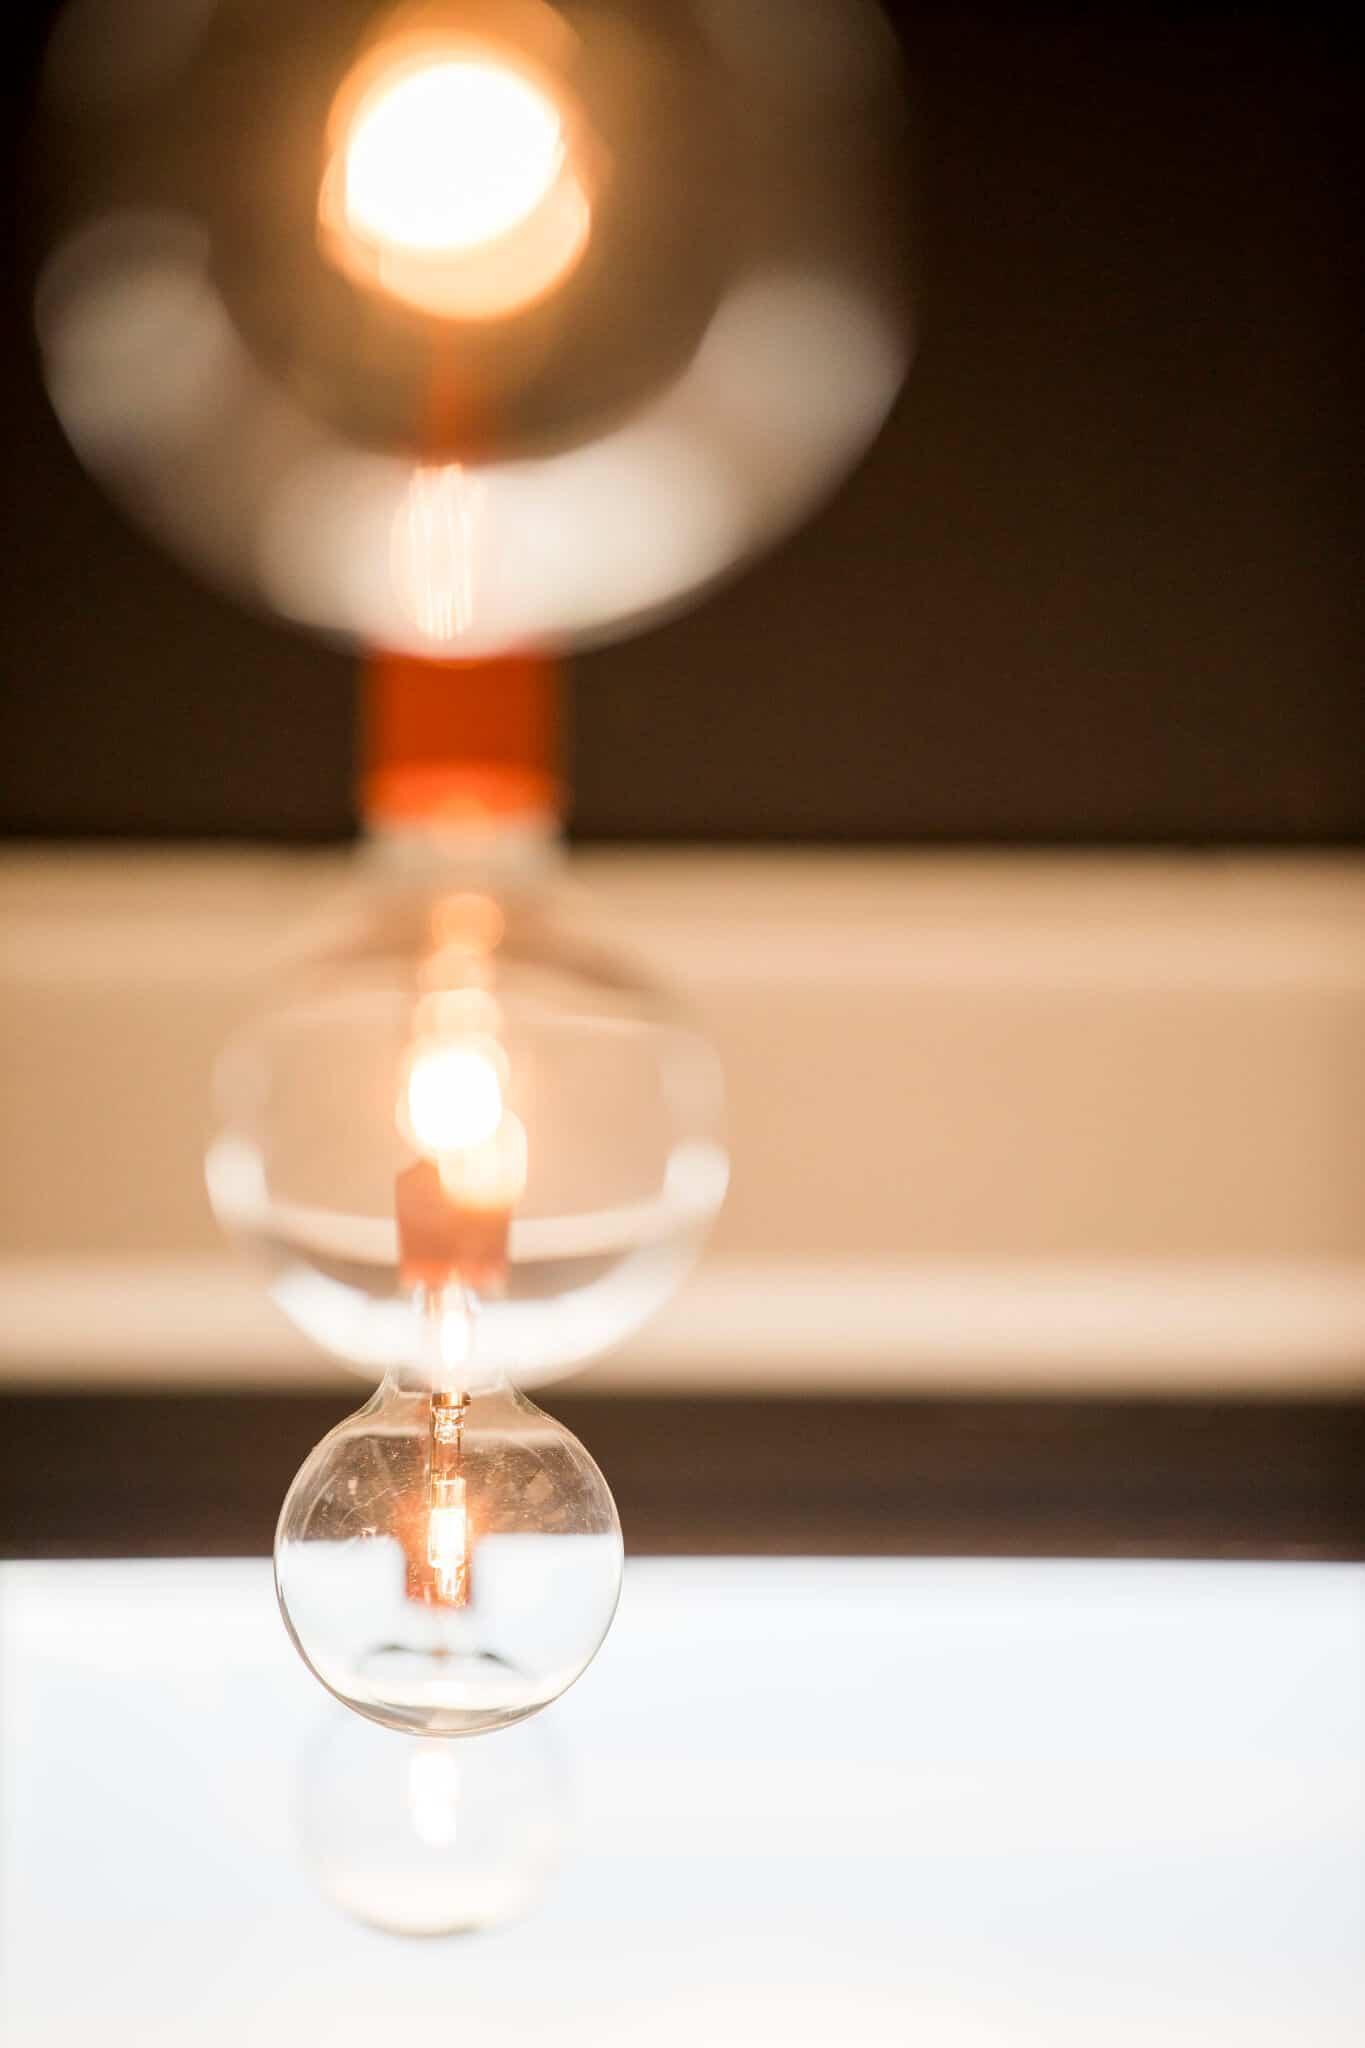 Interieurarchitect Wildenberg ontwerpt hoofdkantoor Infi lampen